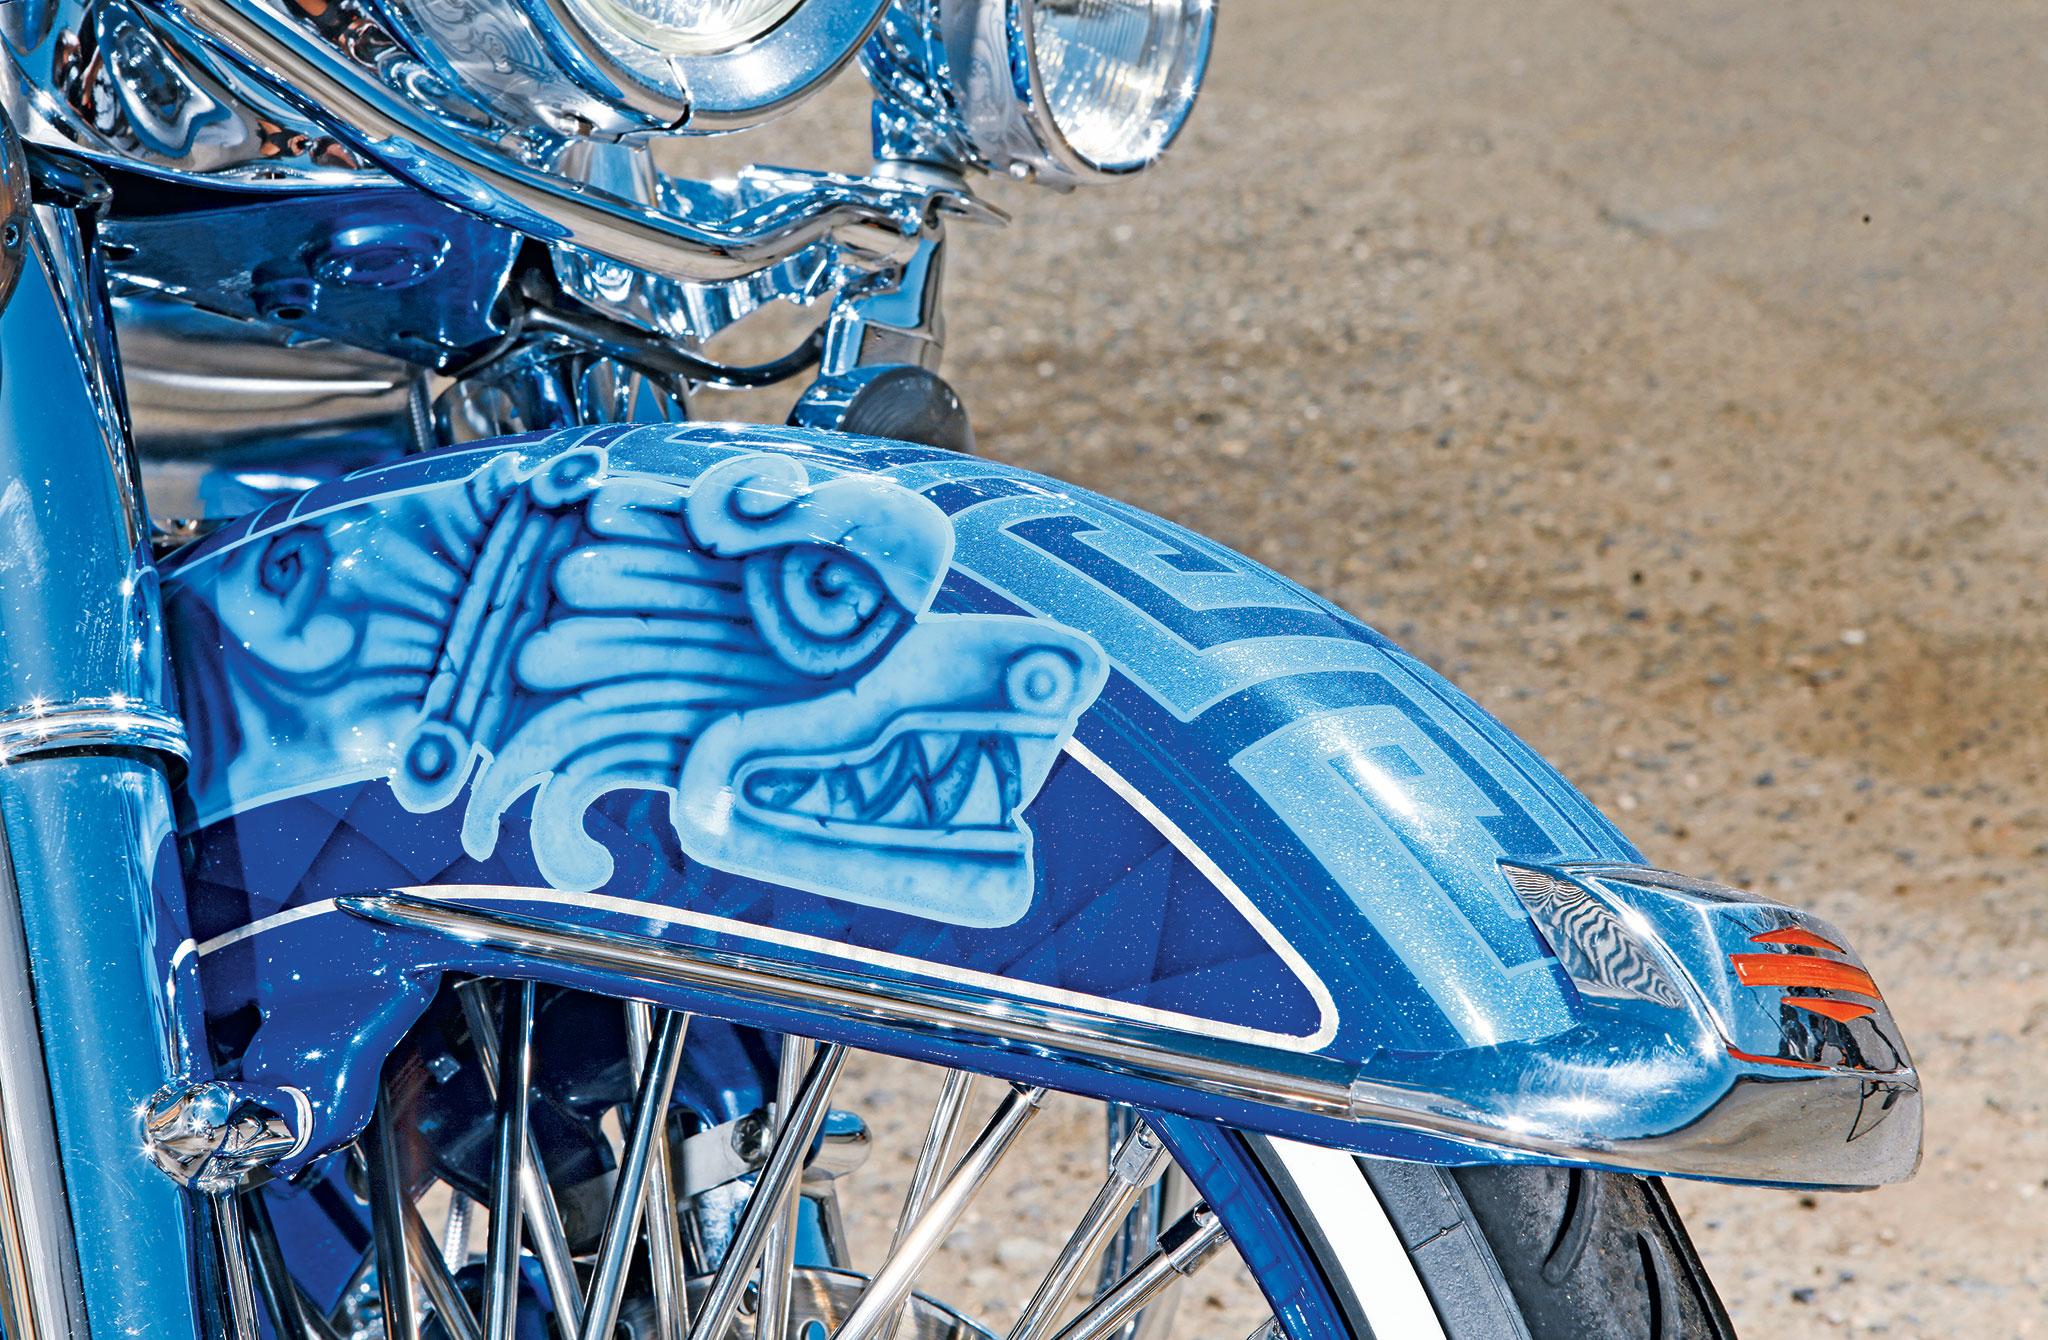 Bakersfield Harley Davidson >> 2005 Harley Davidson Road King Police Special - Fresno's ...